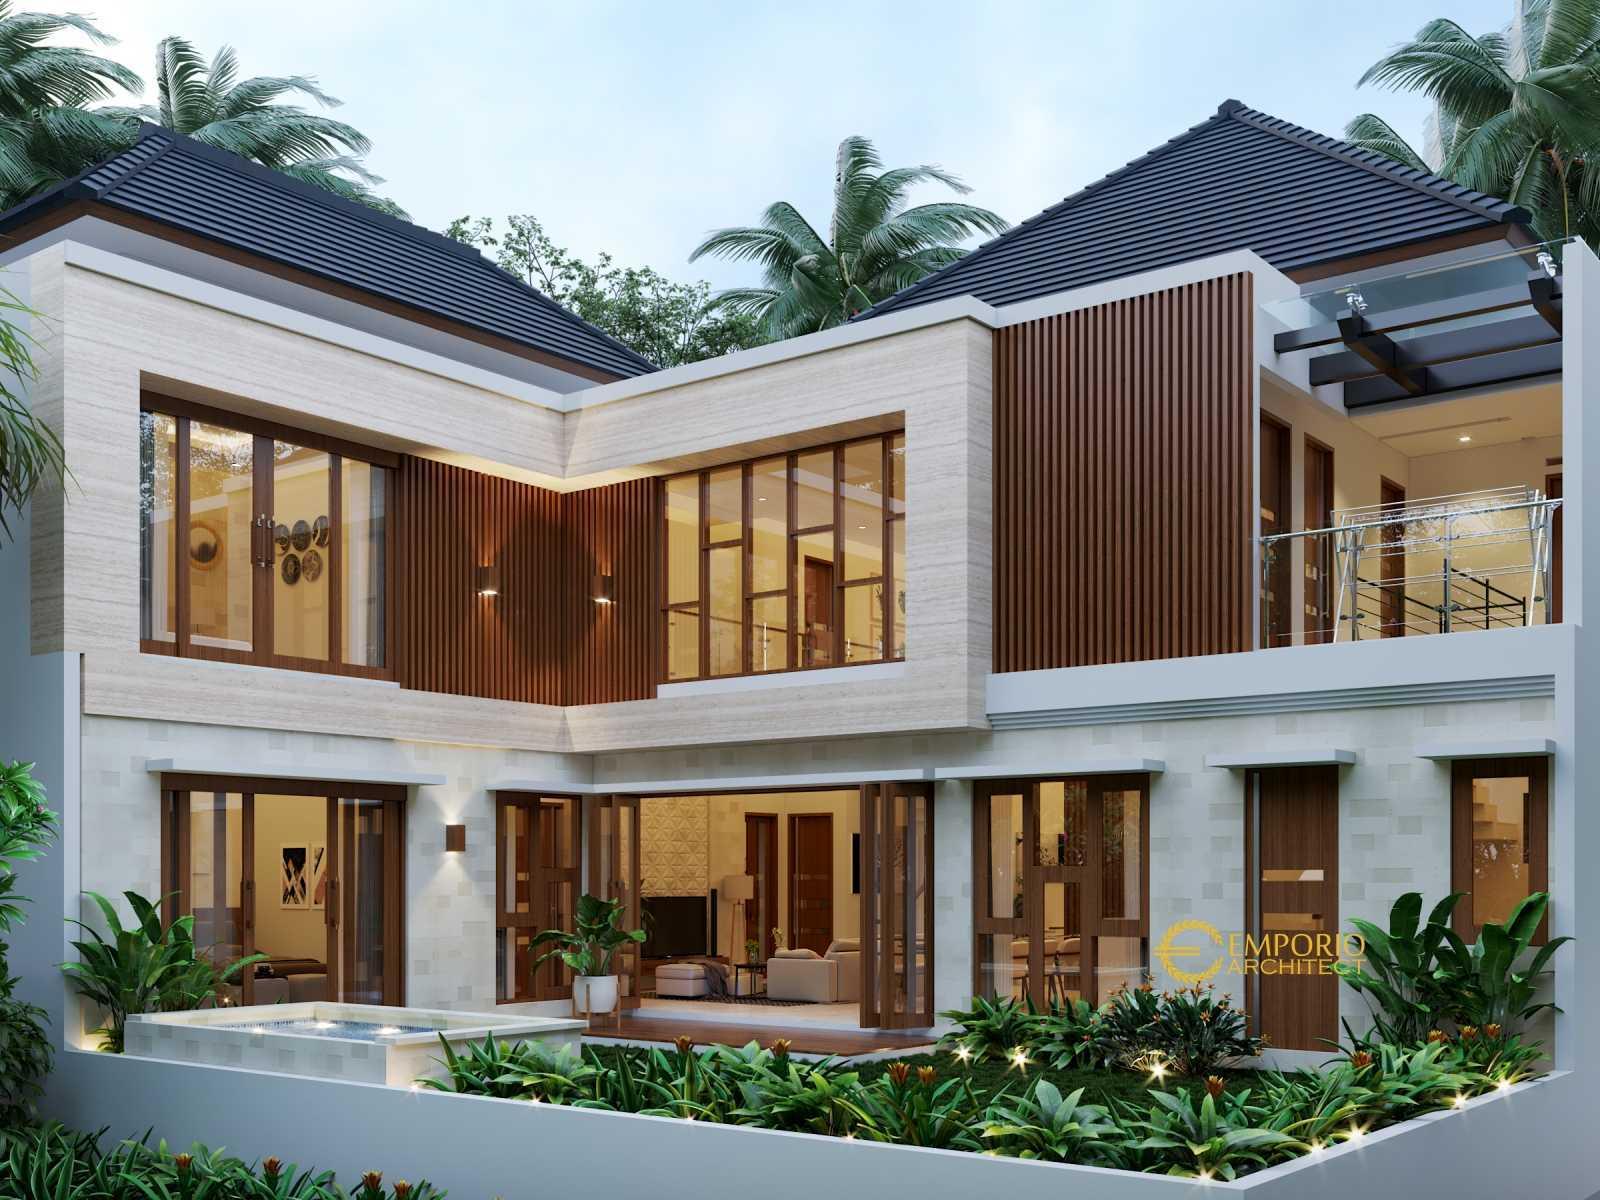 Emporio Architect Desain Rumah Modern Tropis 591 Ii @ Madiun, Jawa Timur Madiun, Kota Madiun, Jawa Timur, Indonesia Madiun, Kota Madiun, Jawa Timur, Indonesia Emporio-Architect-Desain-Rumah-Modern-Tropis-591-Ii-Madiun-Jawa-Timur  76247